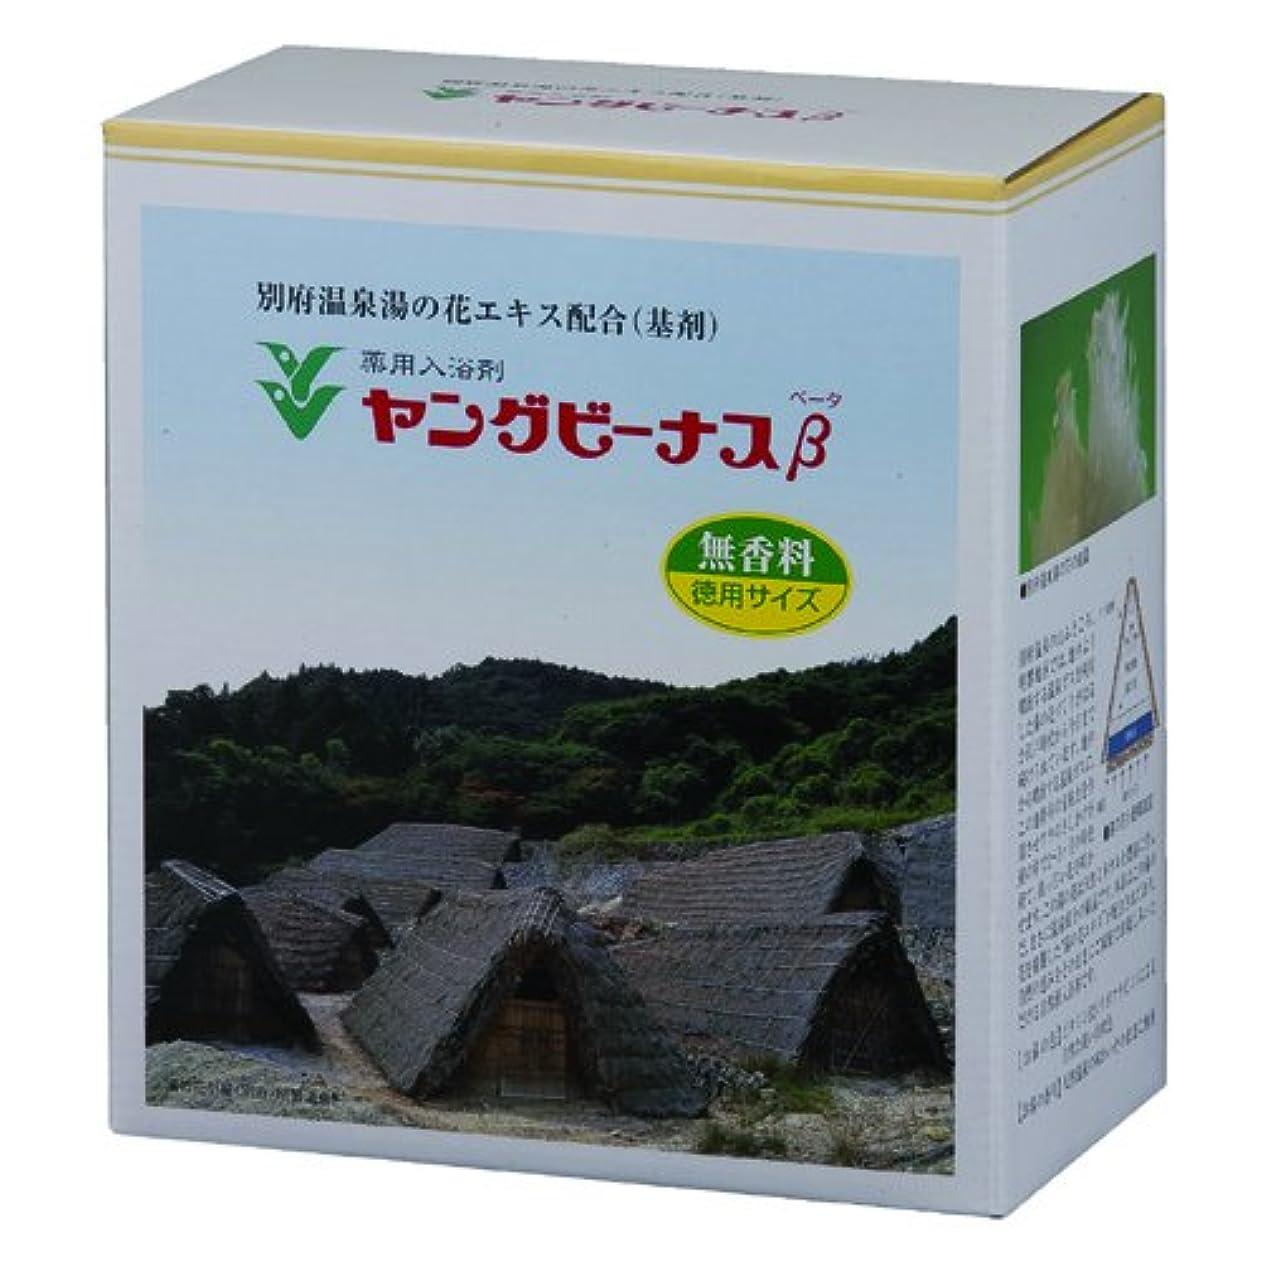 臨検削減原油薬用入浴剤 ヤングビーナスβ 徳用サイズCX-30β